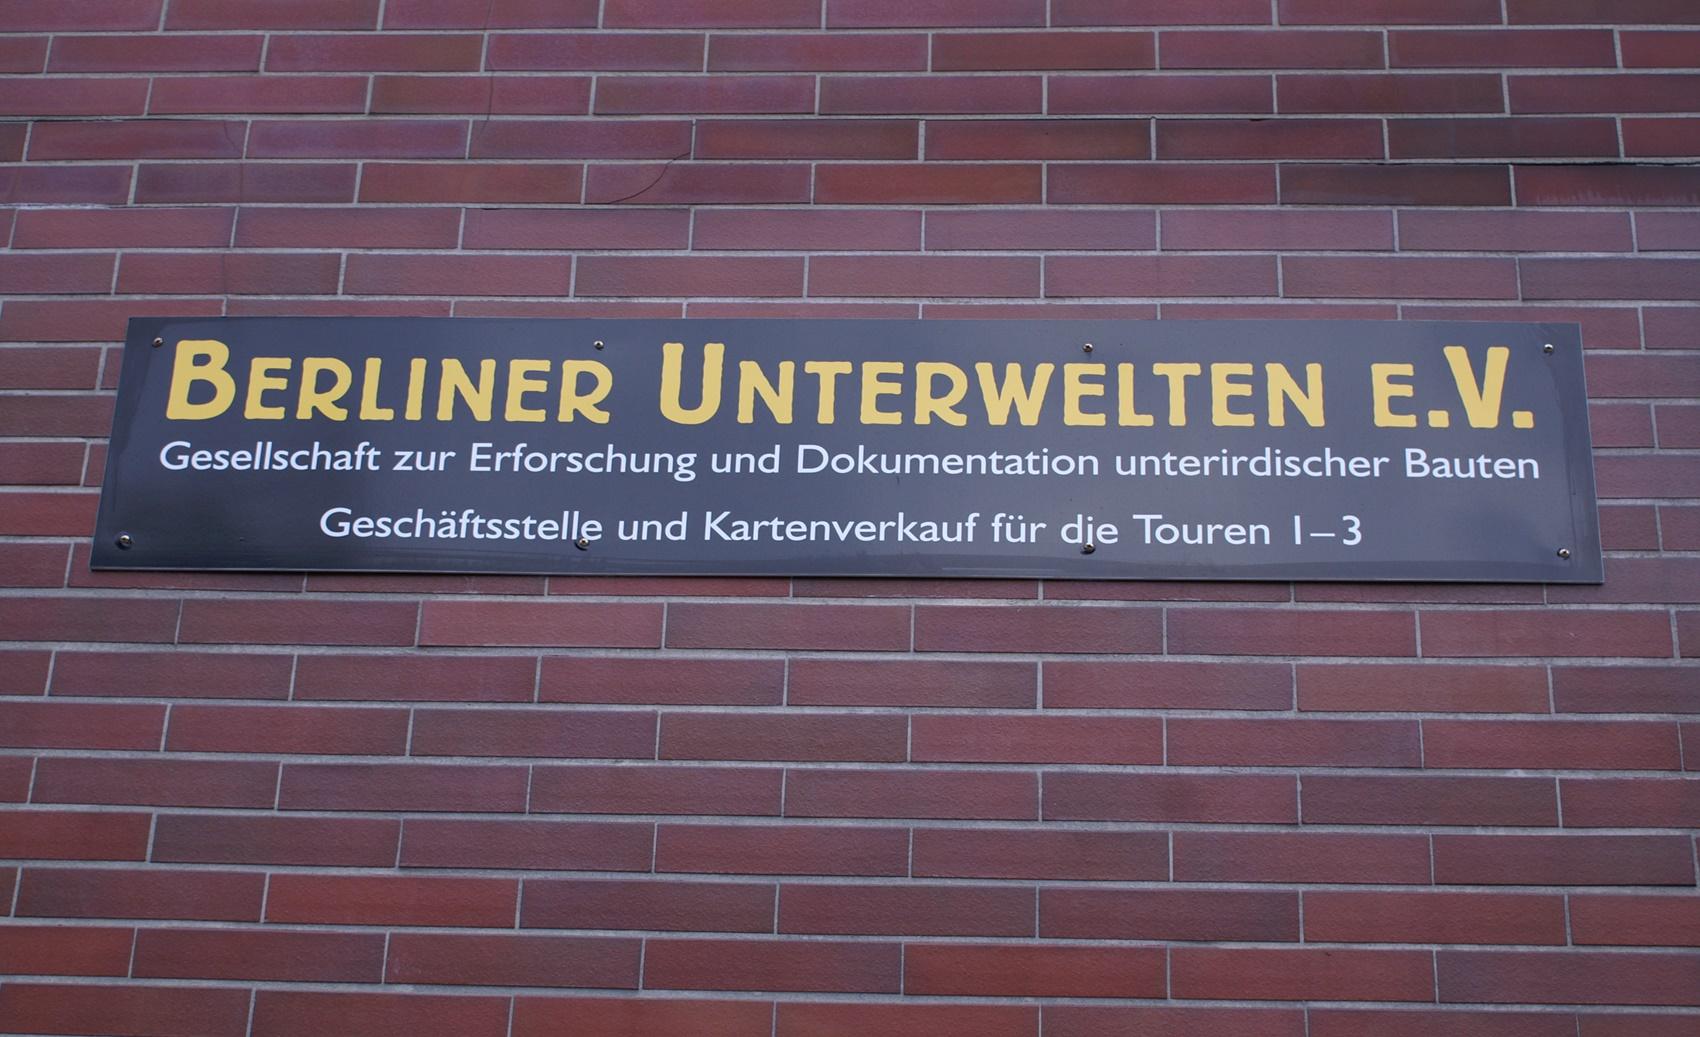 Berliner Unterwelten